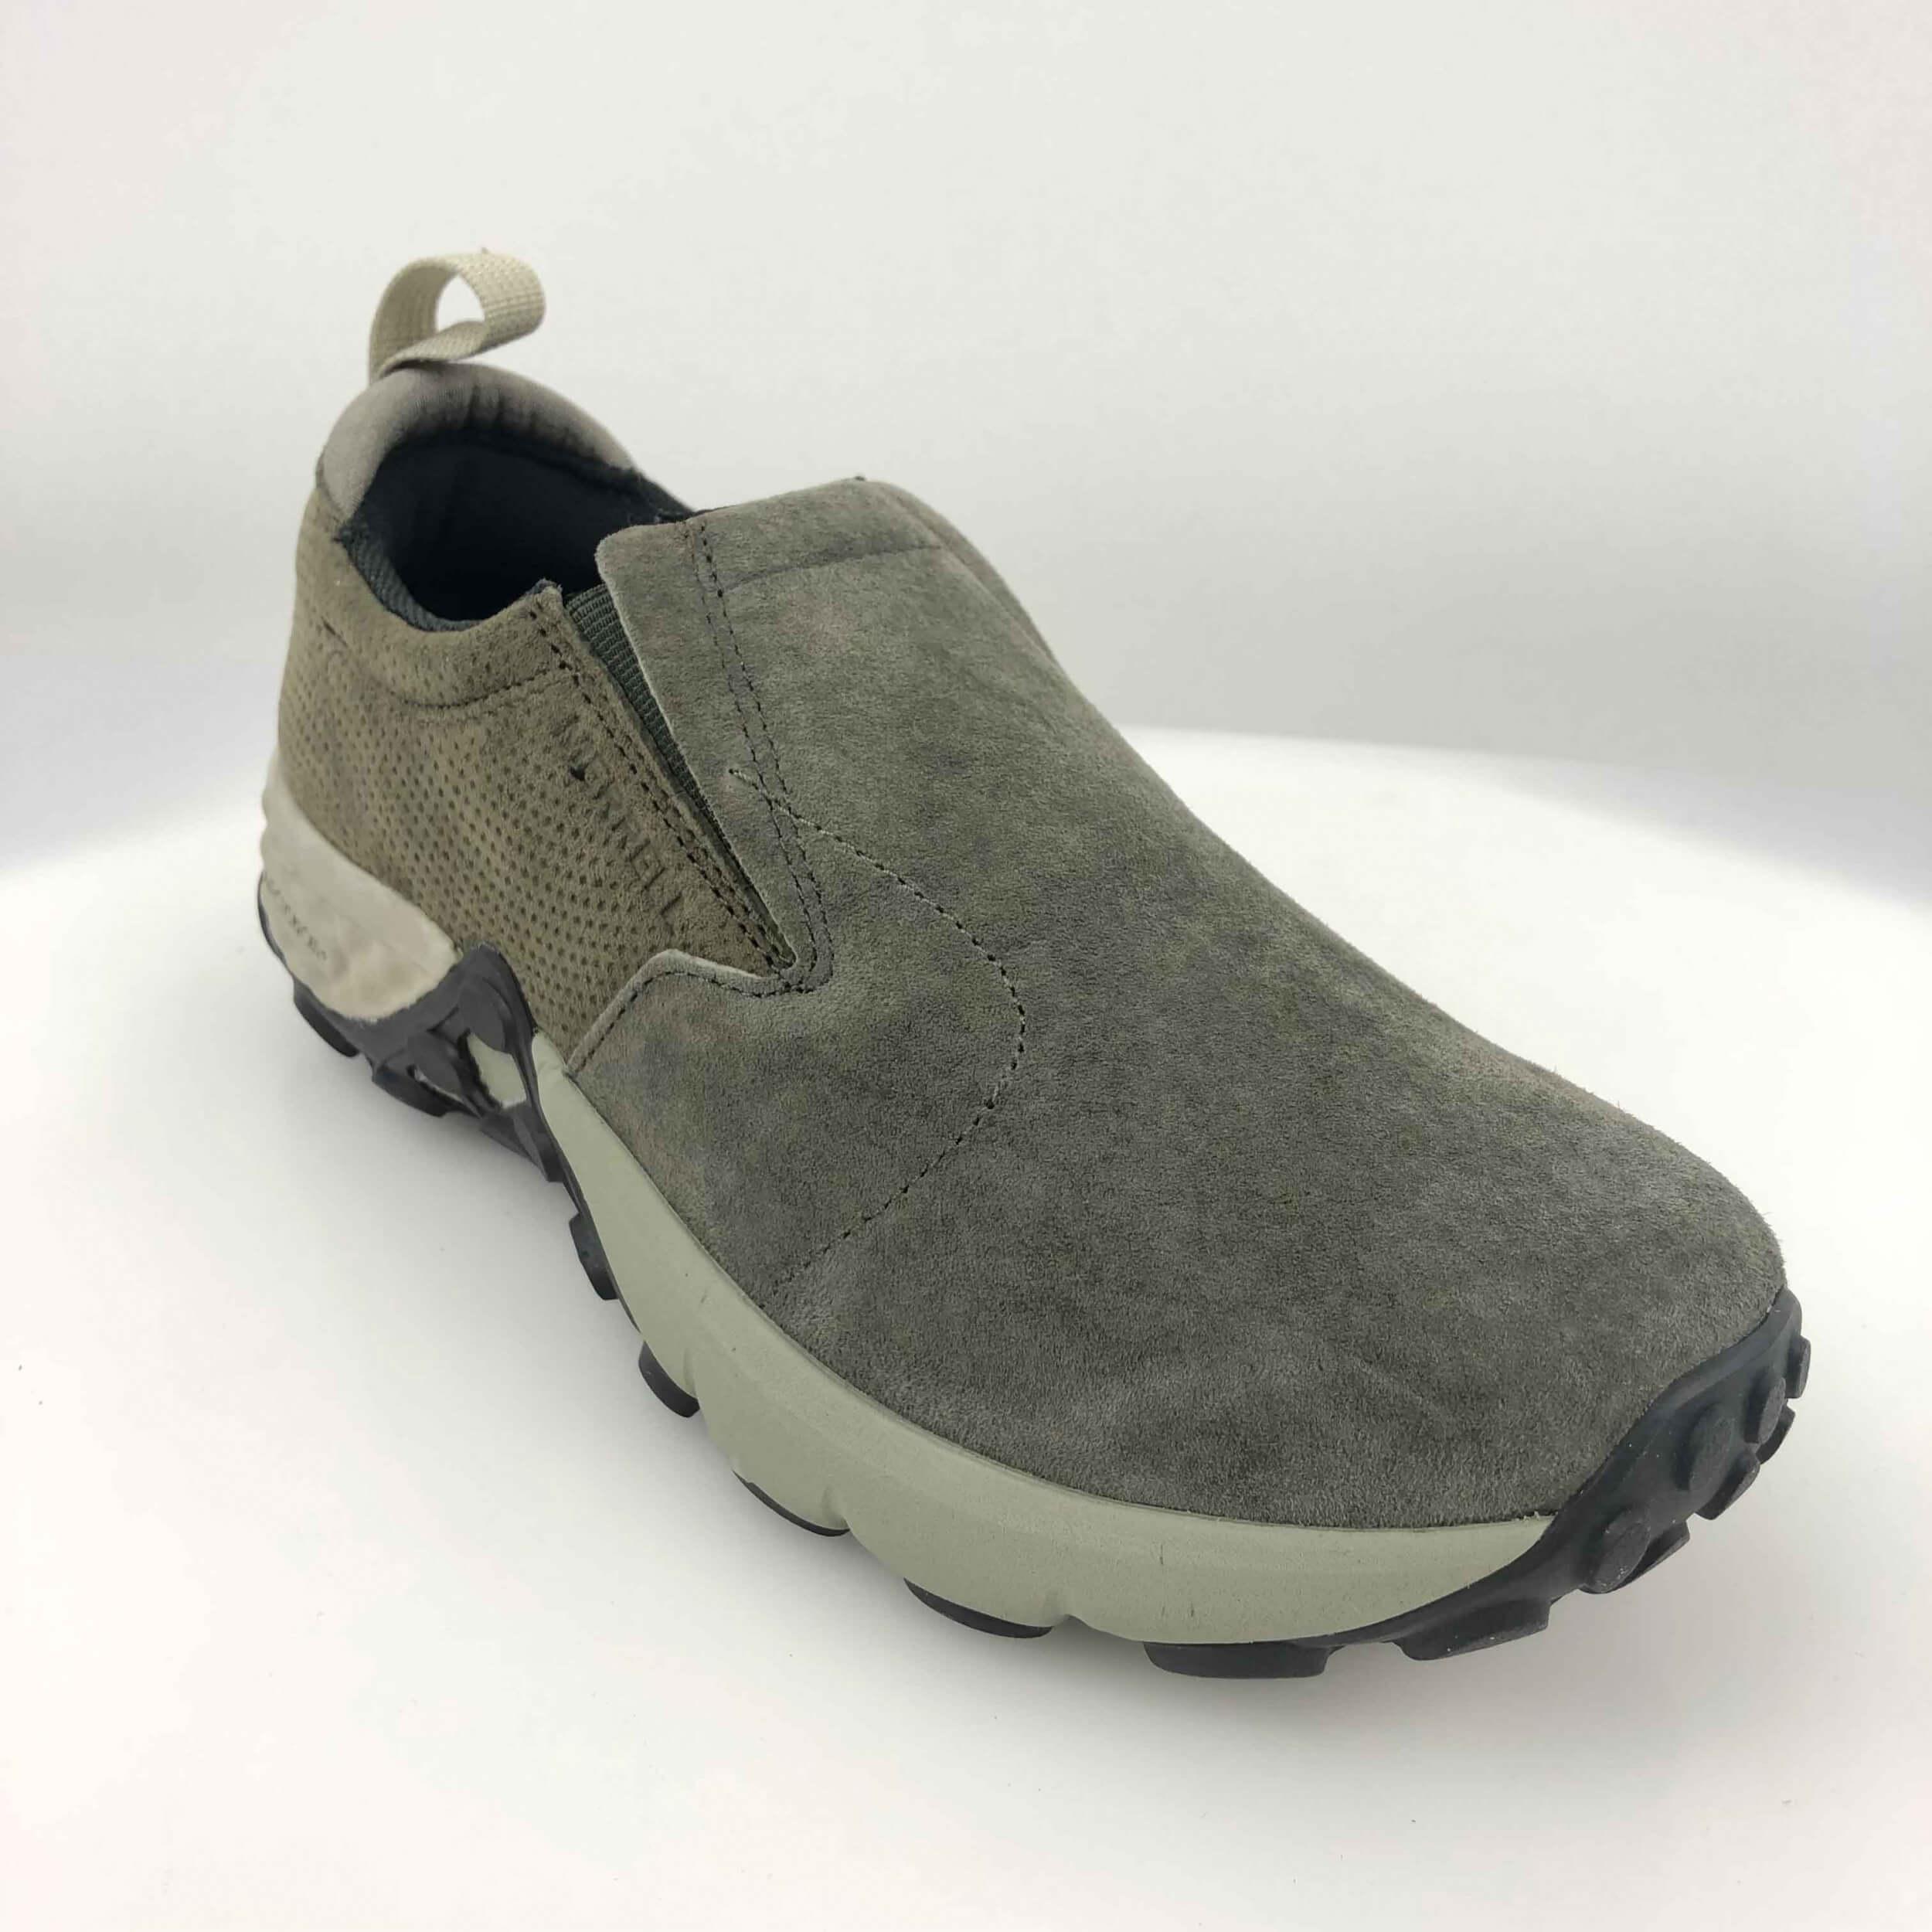 Details zu Merrell Damen Sneaker Schuhe Jungle Moc AC+ olive J45750 neu